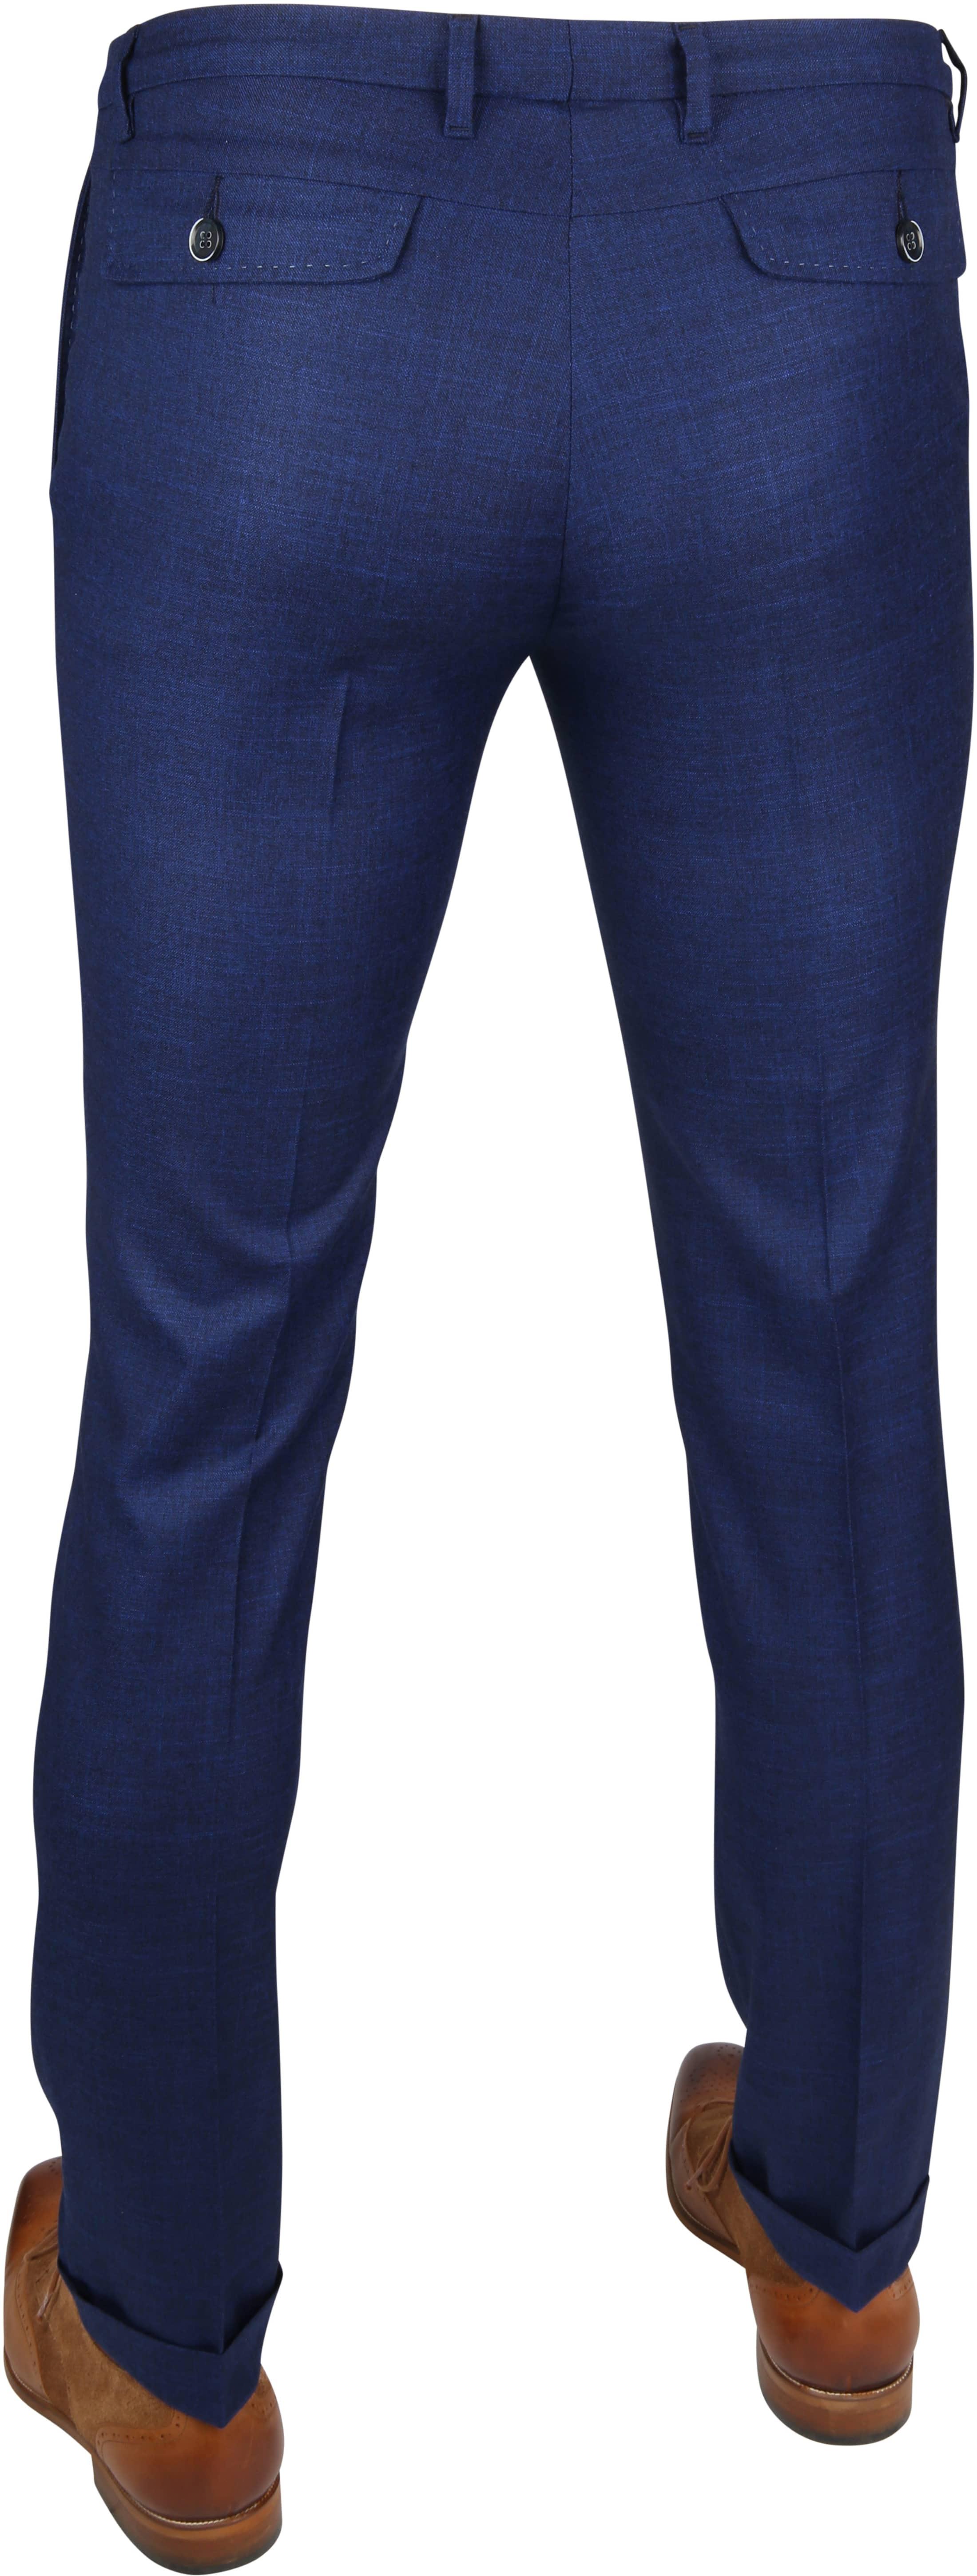 Suitable Pantalon Pisa Melange foto 3